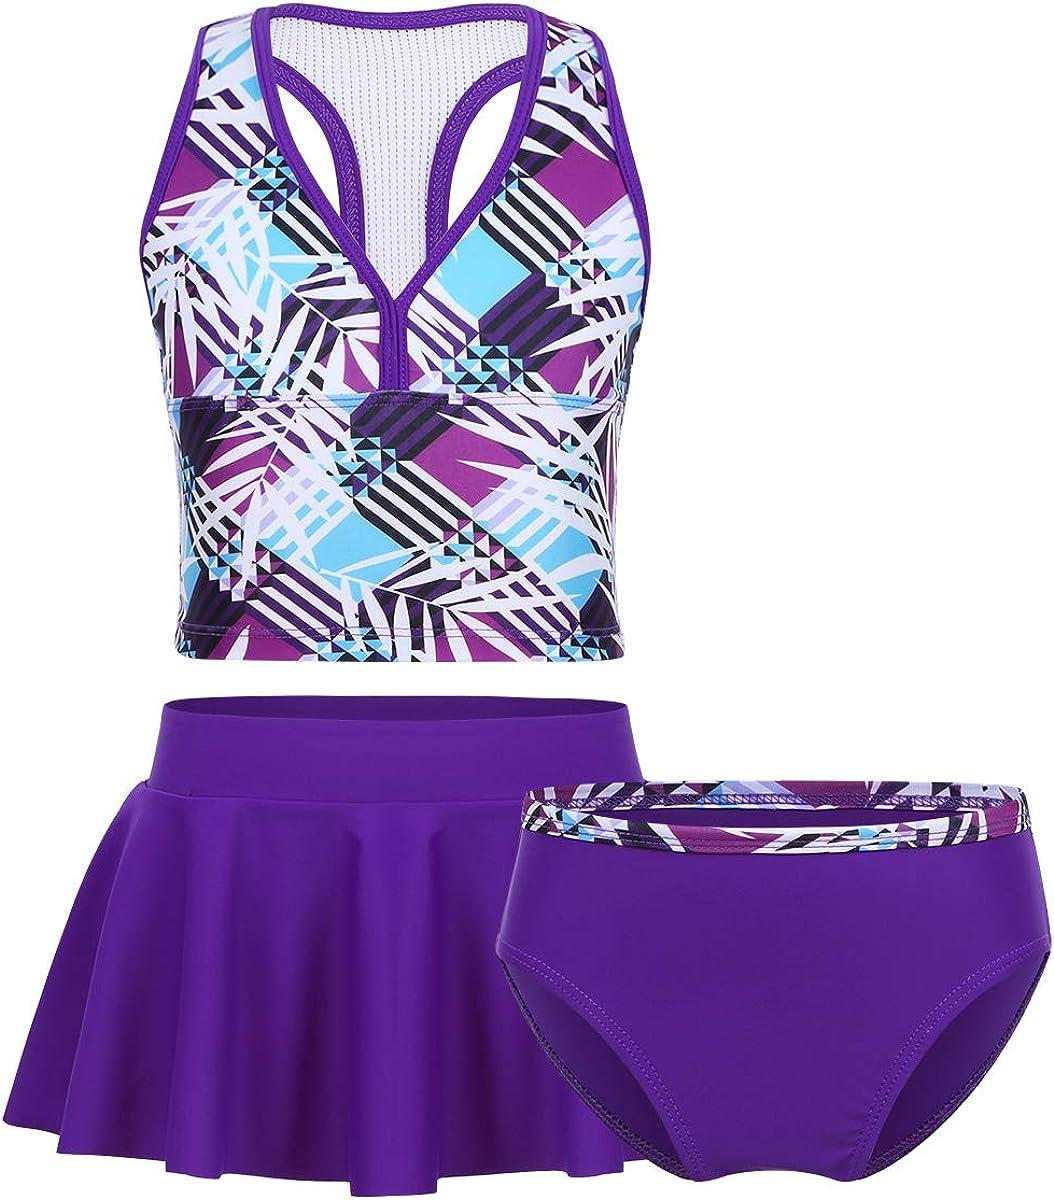 iiniim Girls Kids Tankini Set Swimwear Bikini Skirt Swimsuit Swimming Costume Age 2-16 Years